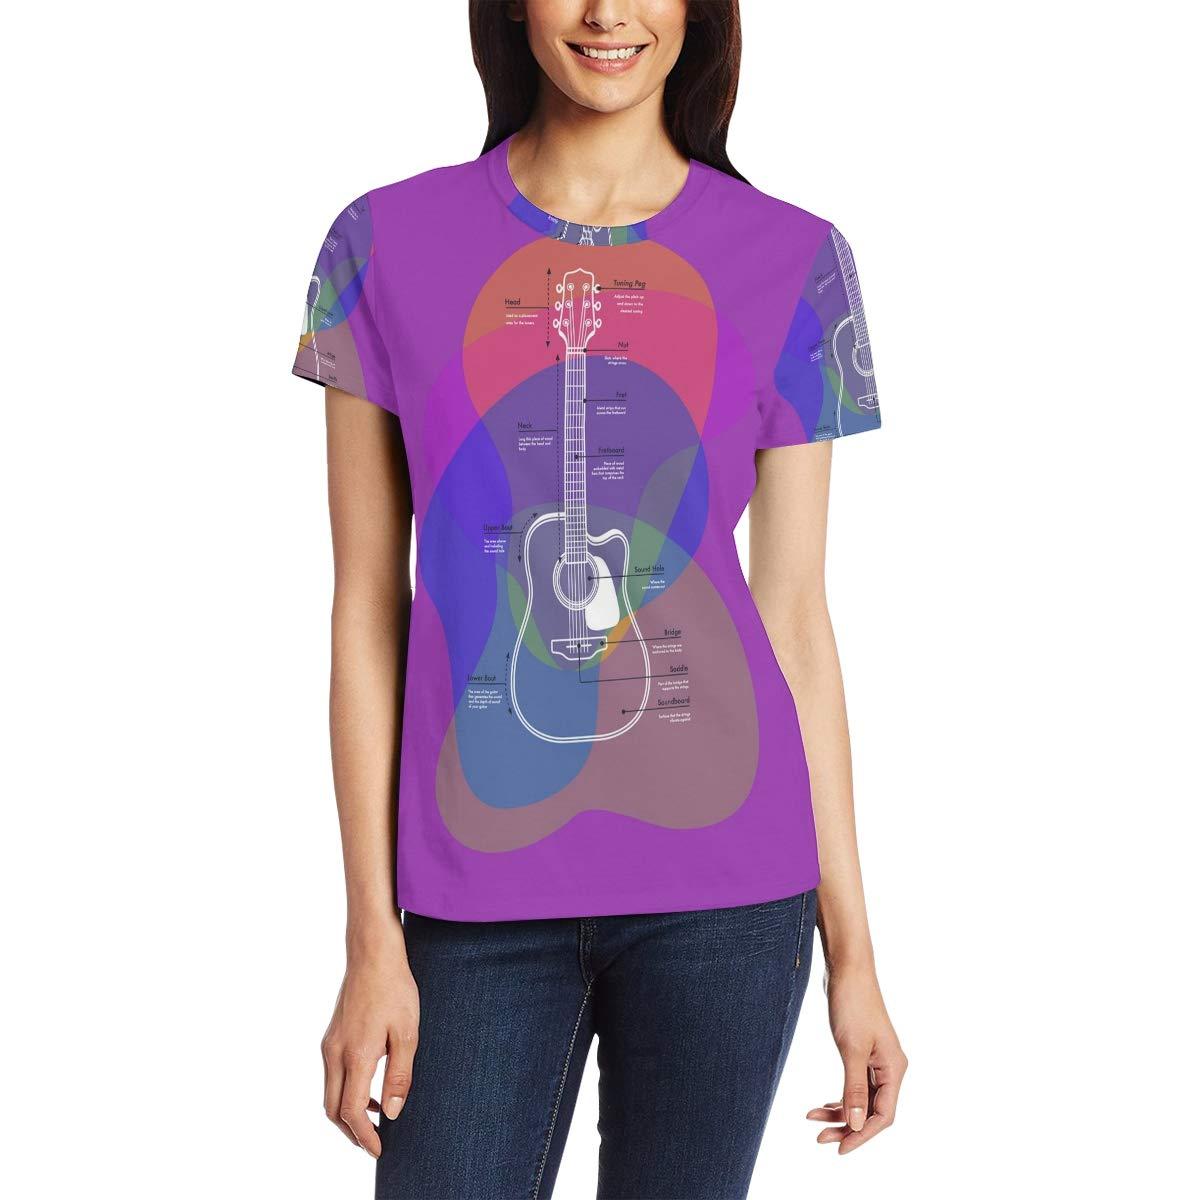 Camiseta de Manga Corta para Mujer, diseño de Guitarra Morada, Cuello Redondo, cómoda Bm002 S: Amazon.es: Ropa y accesorios